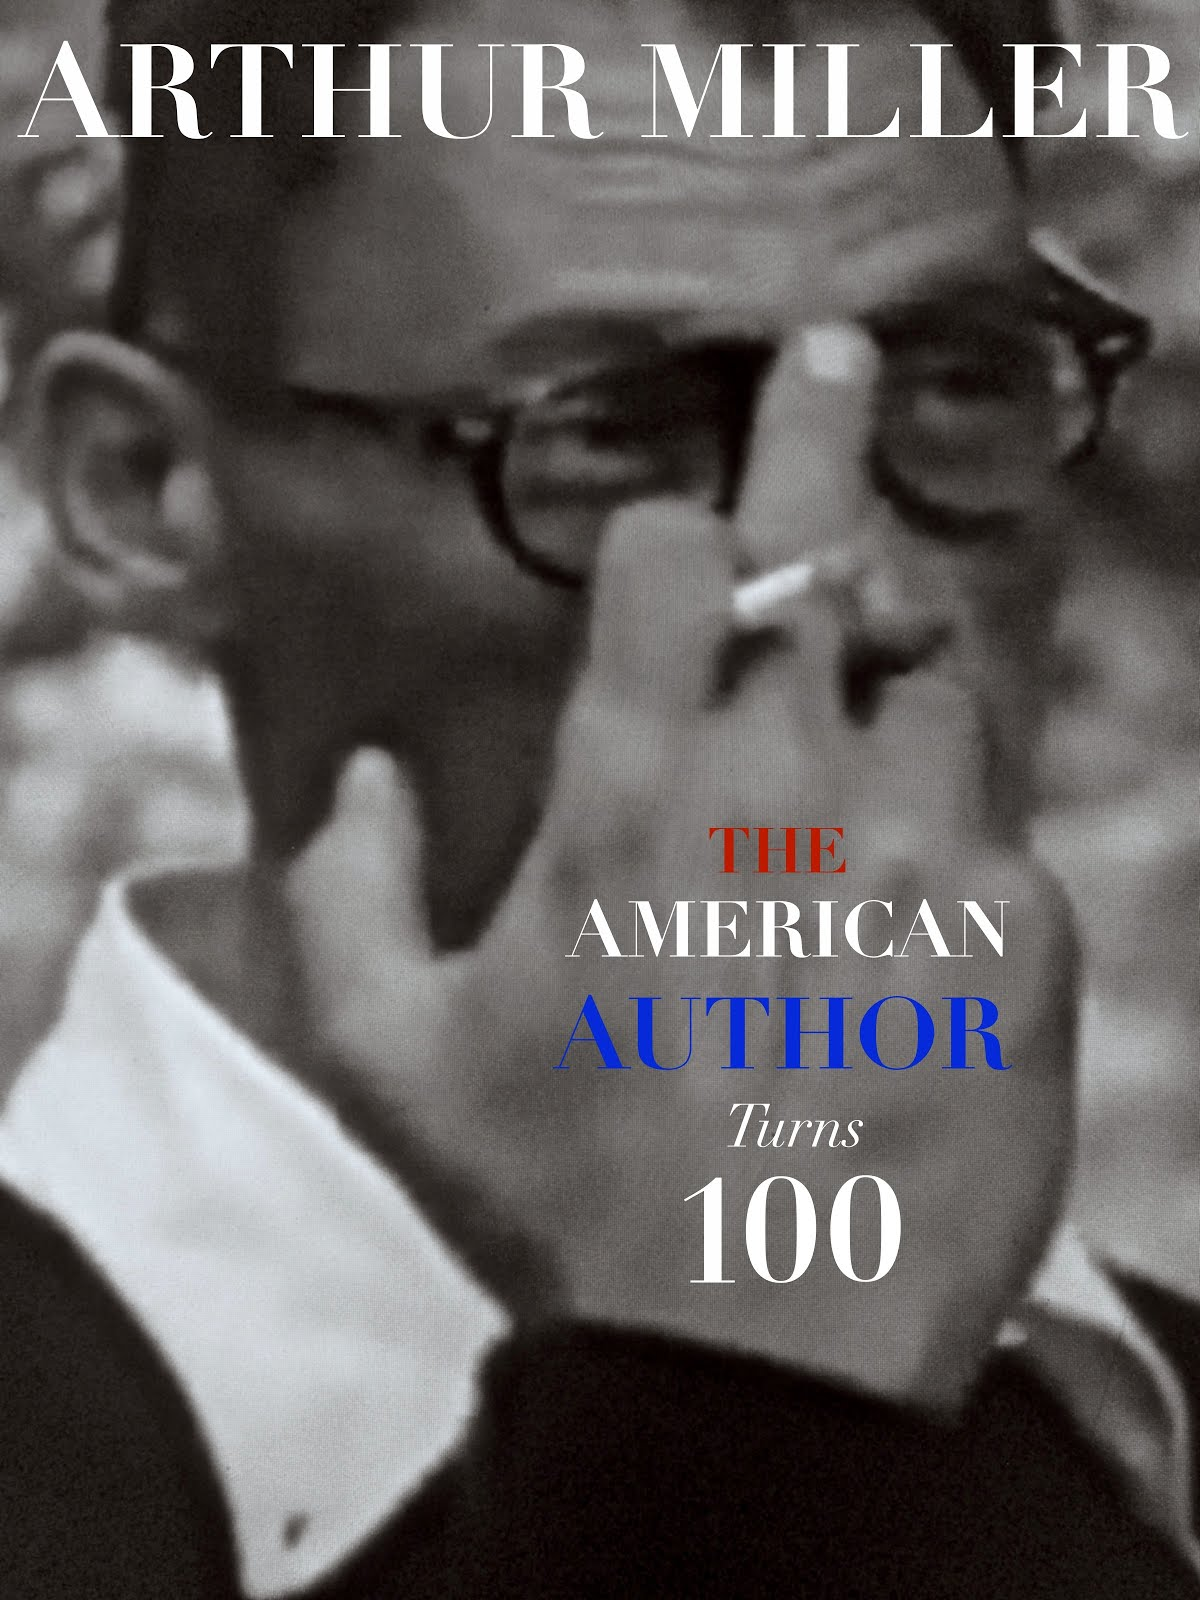 ARTHUR MILLER at 100